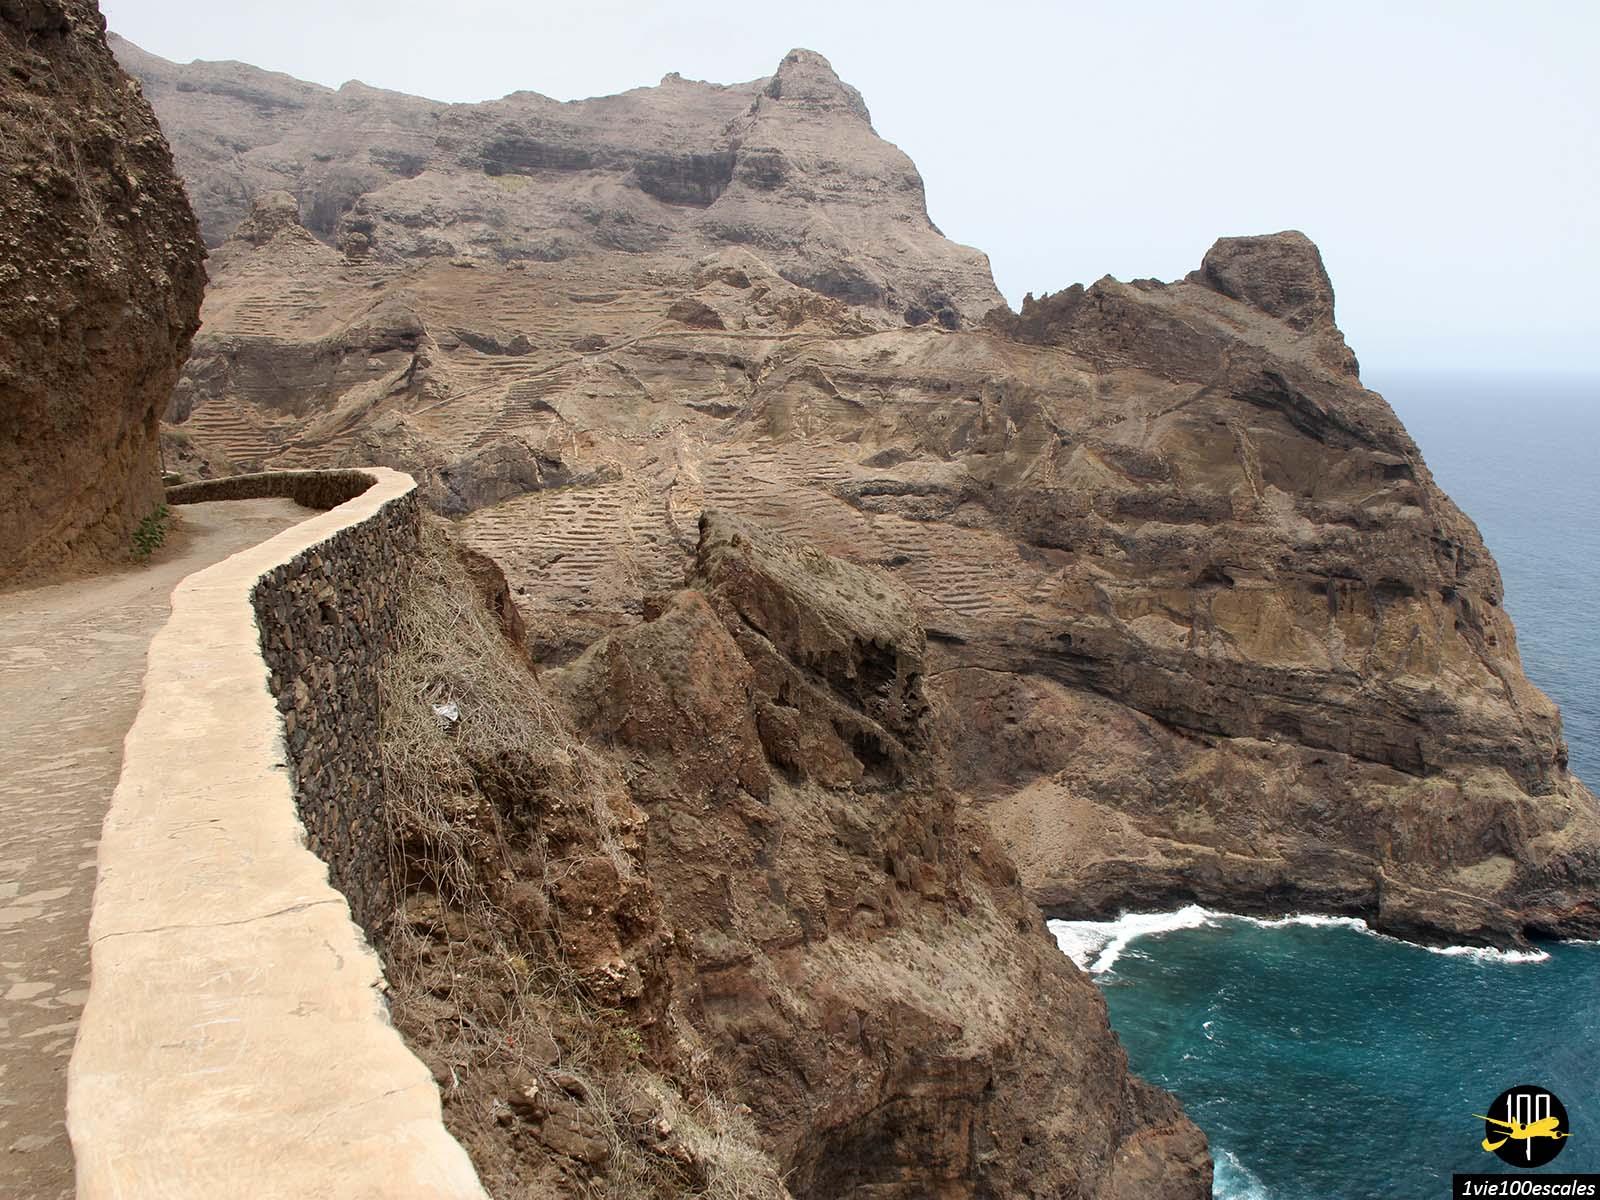 La petite route sinueuse entre Ponta do sol et Fontainhas